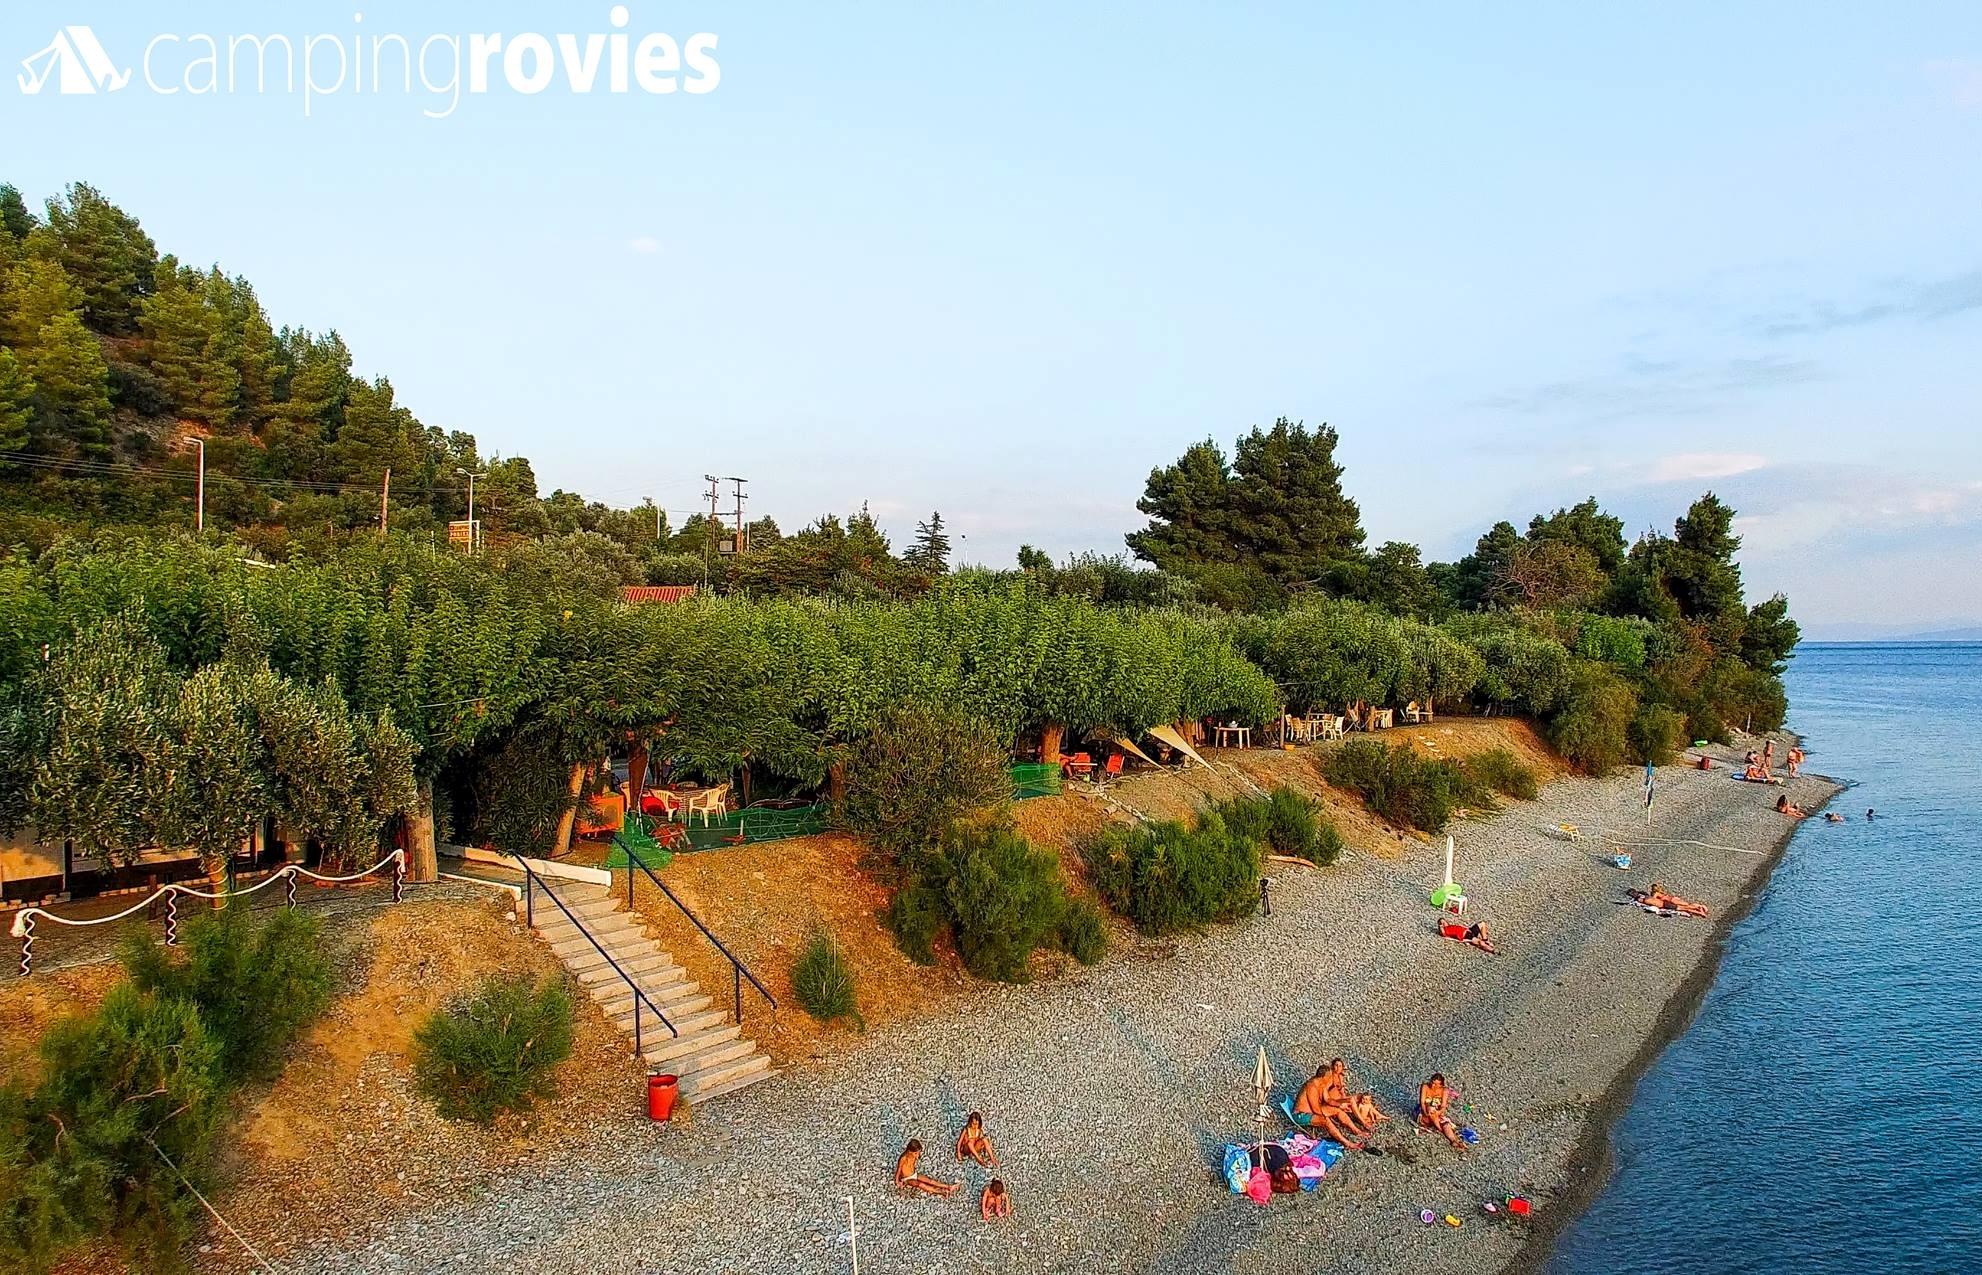 9€ από 18,5€ για 1 Διανυκτέρευση 2 ατόμων, με αυτόνομη πρόσβαση στην παραλία, θέση parking & παροχή ρεύματος, στο ειδυλλιακό ''Camping Rovies'' στην Βόρεια Εύβοια! Ίσως το καλύτερο camping της Ελλάδας!